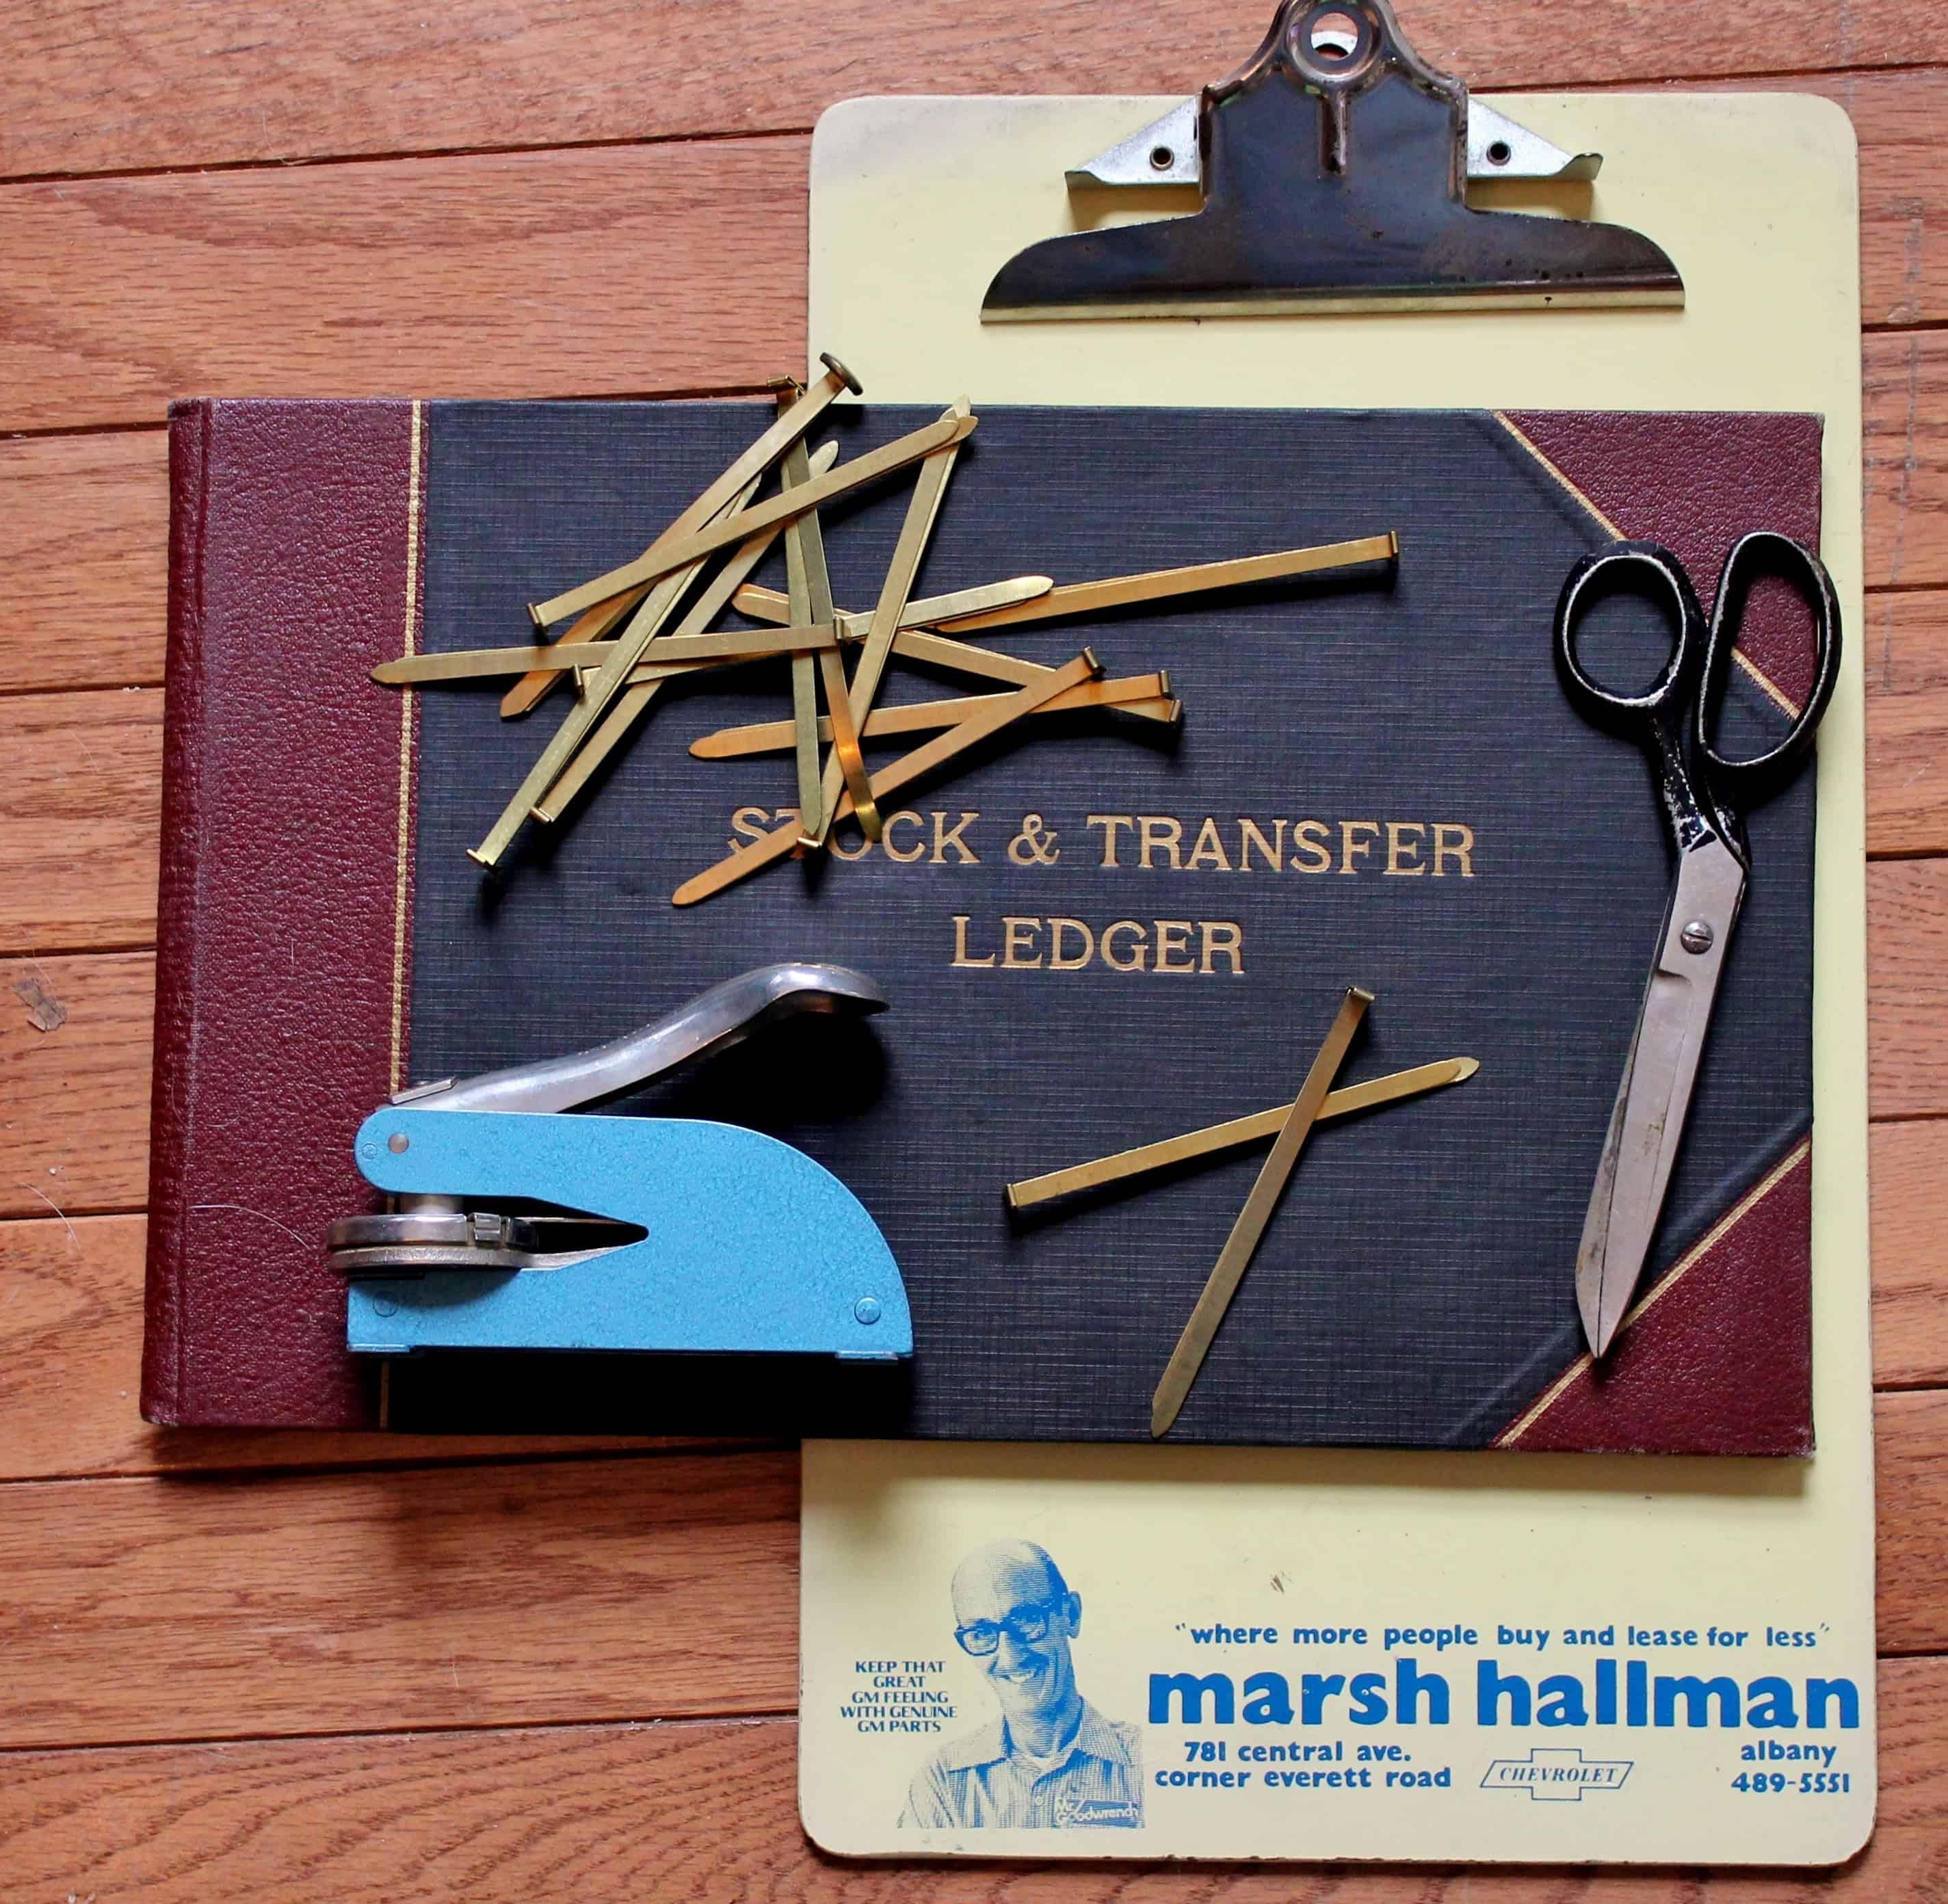 Vintage clip board, stapler, scissors, ledger